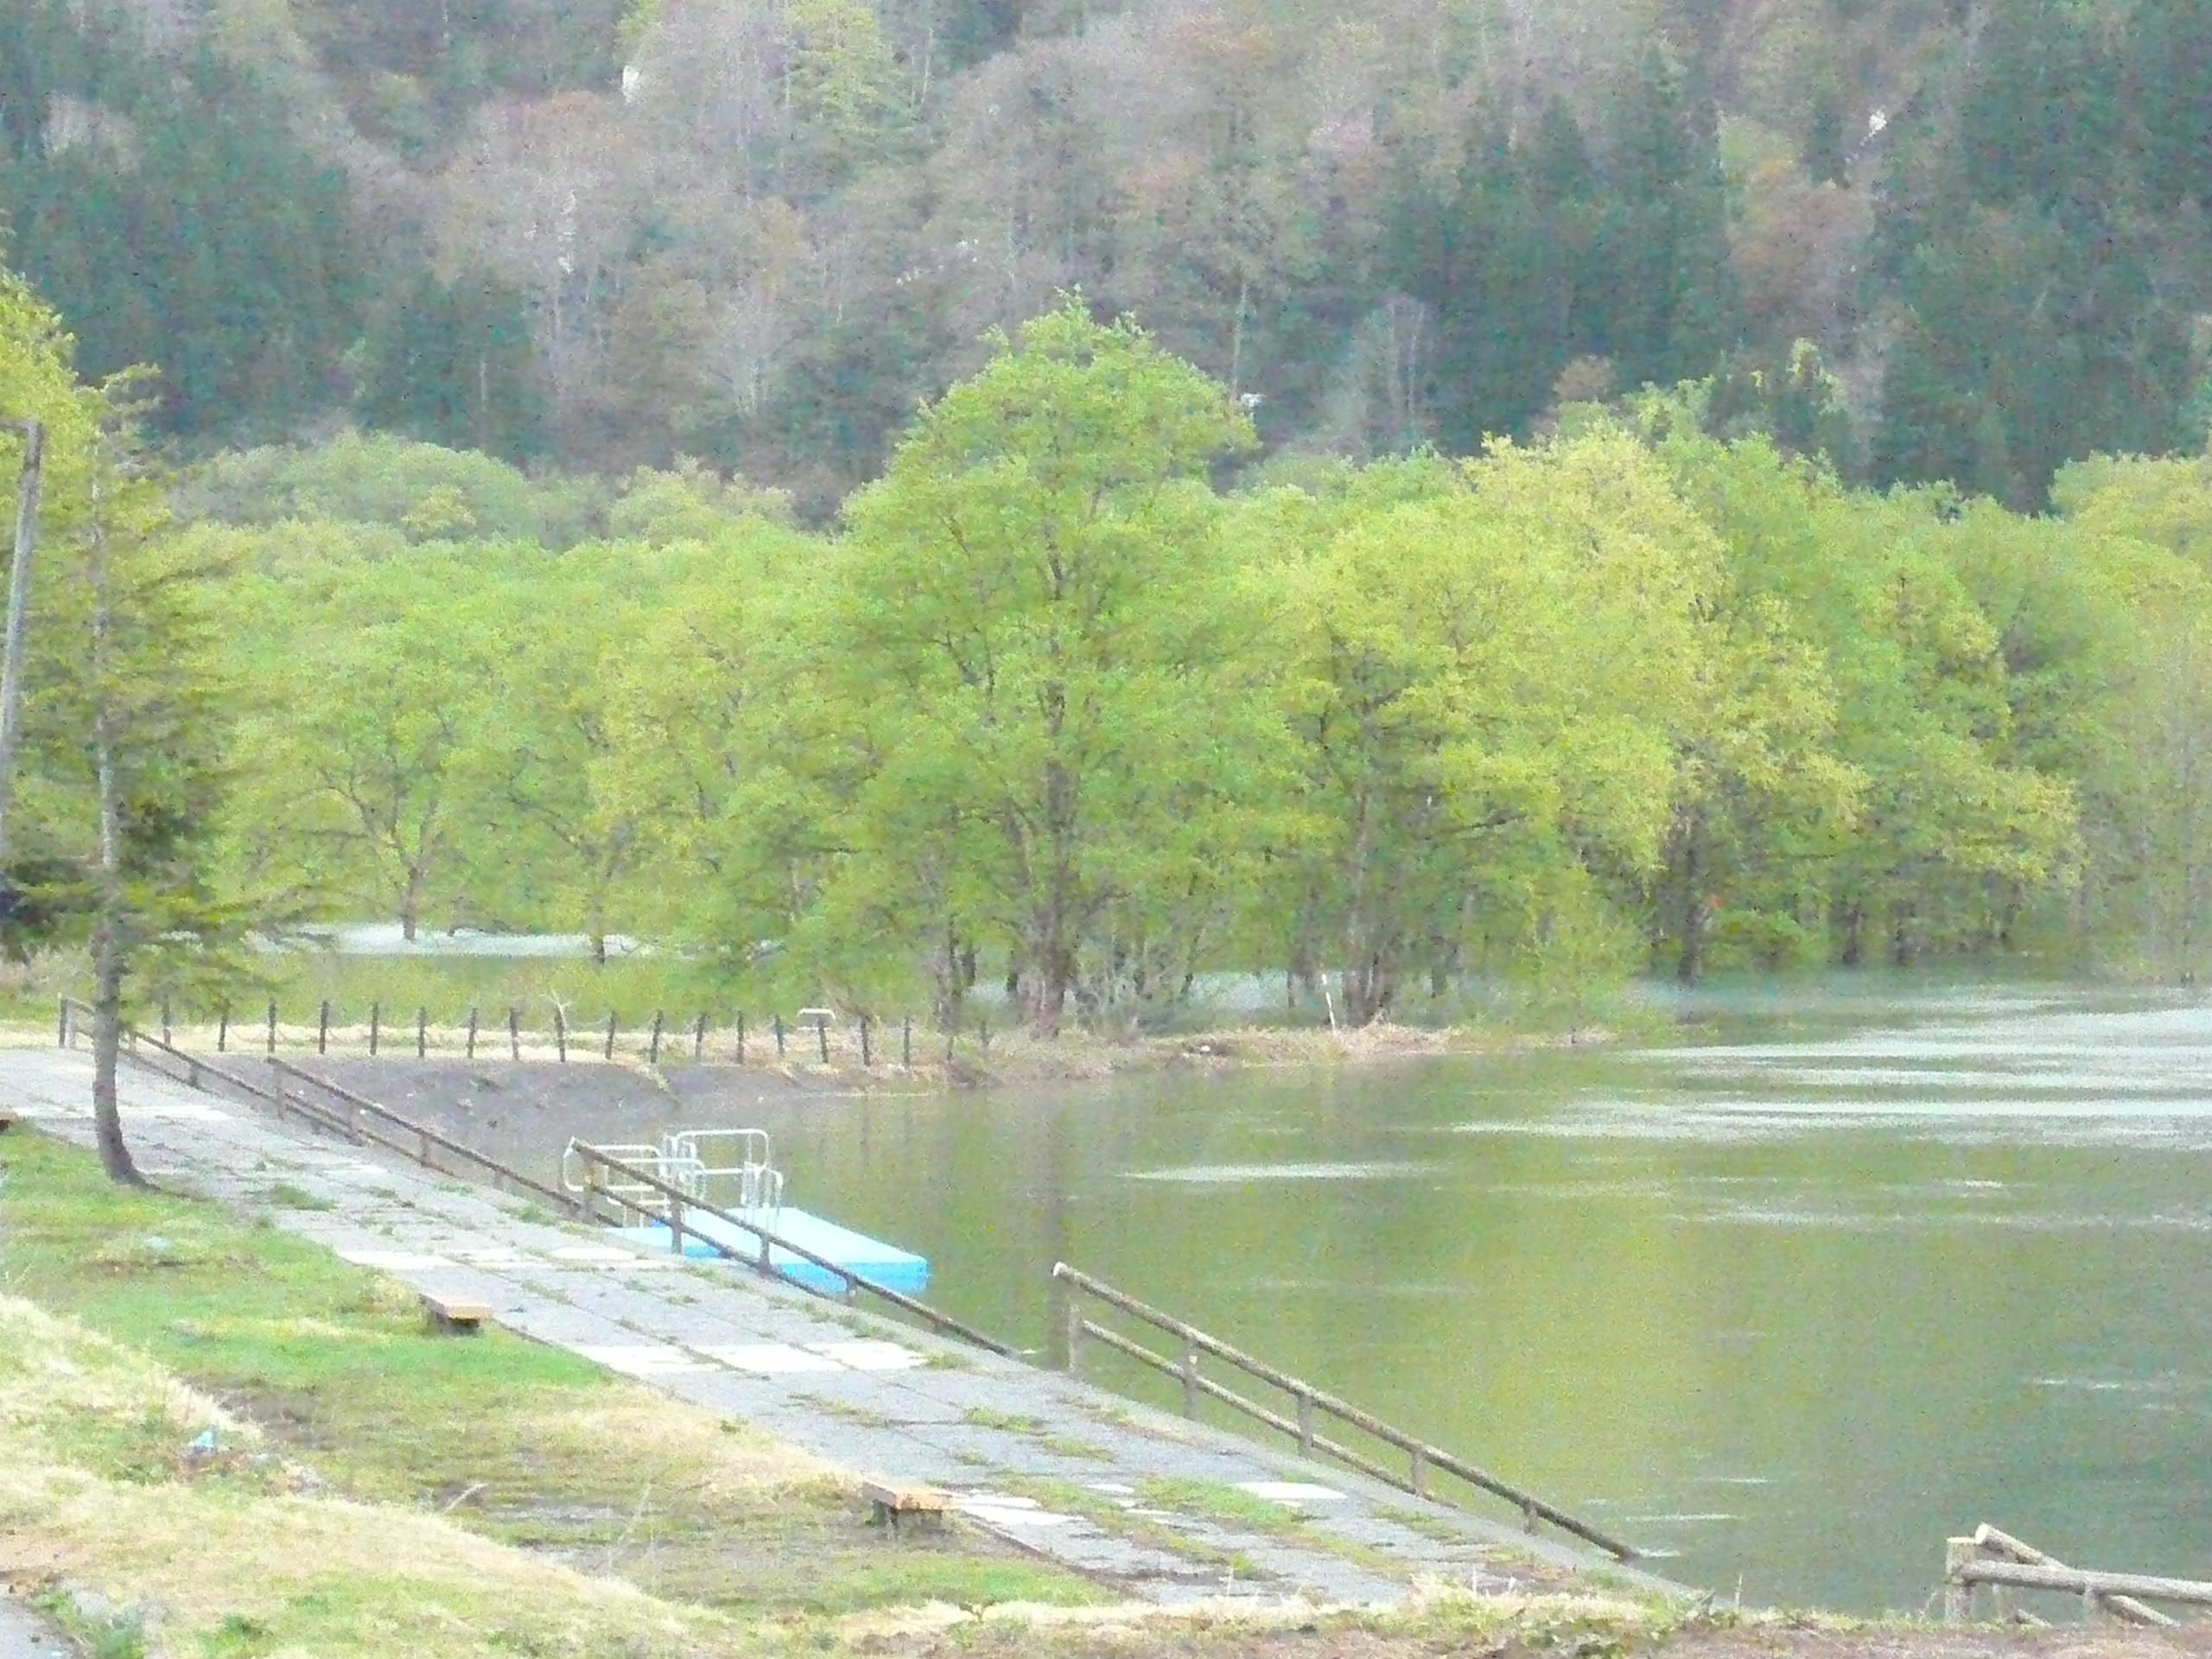 白川ダム湖畔マラソン大会開催のお知らせ